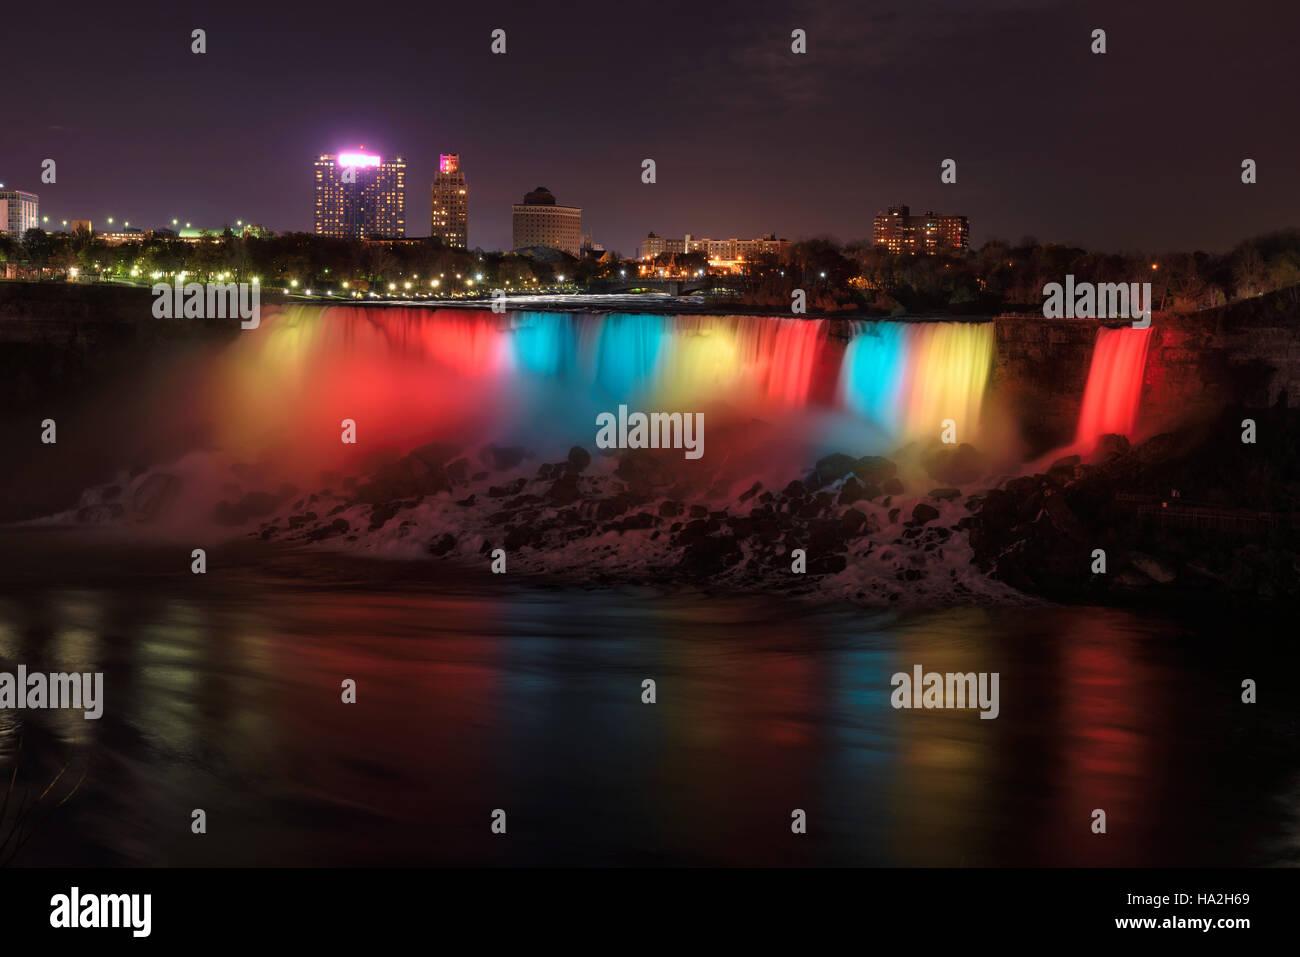 Niagara Falls at night - Stock Image